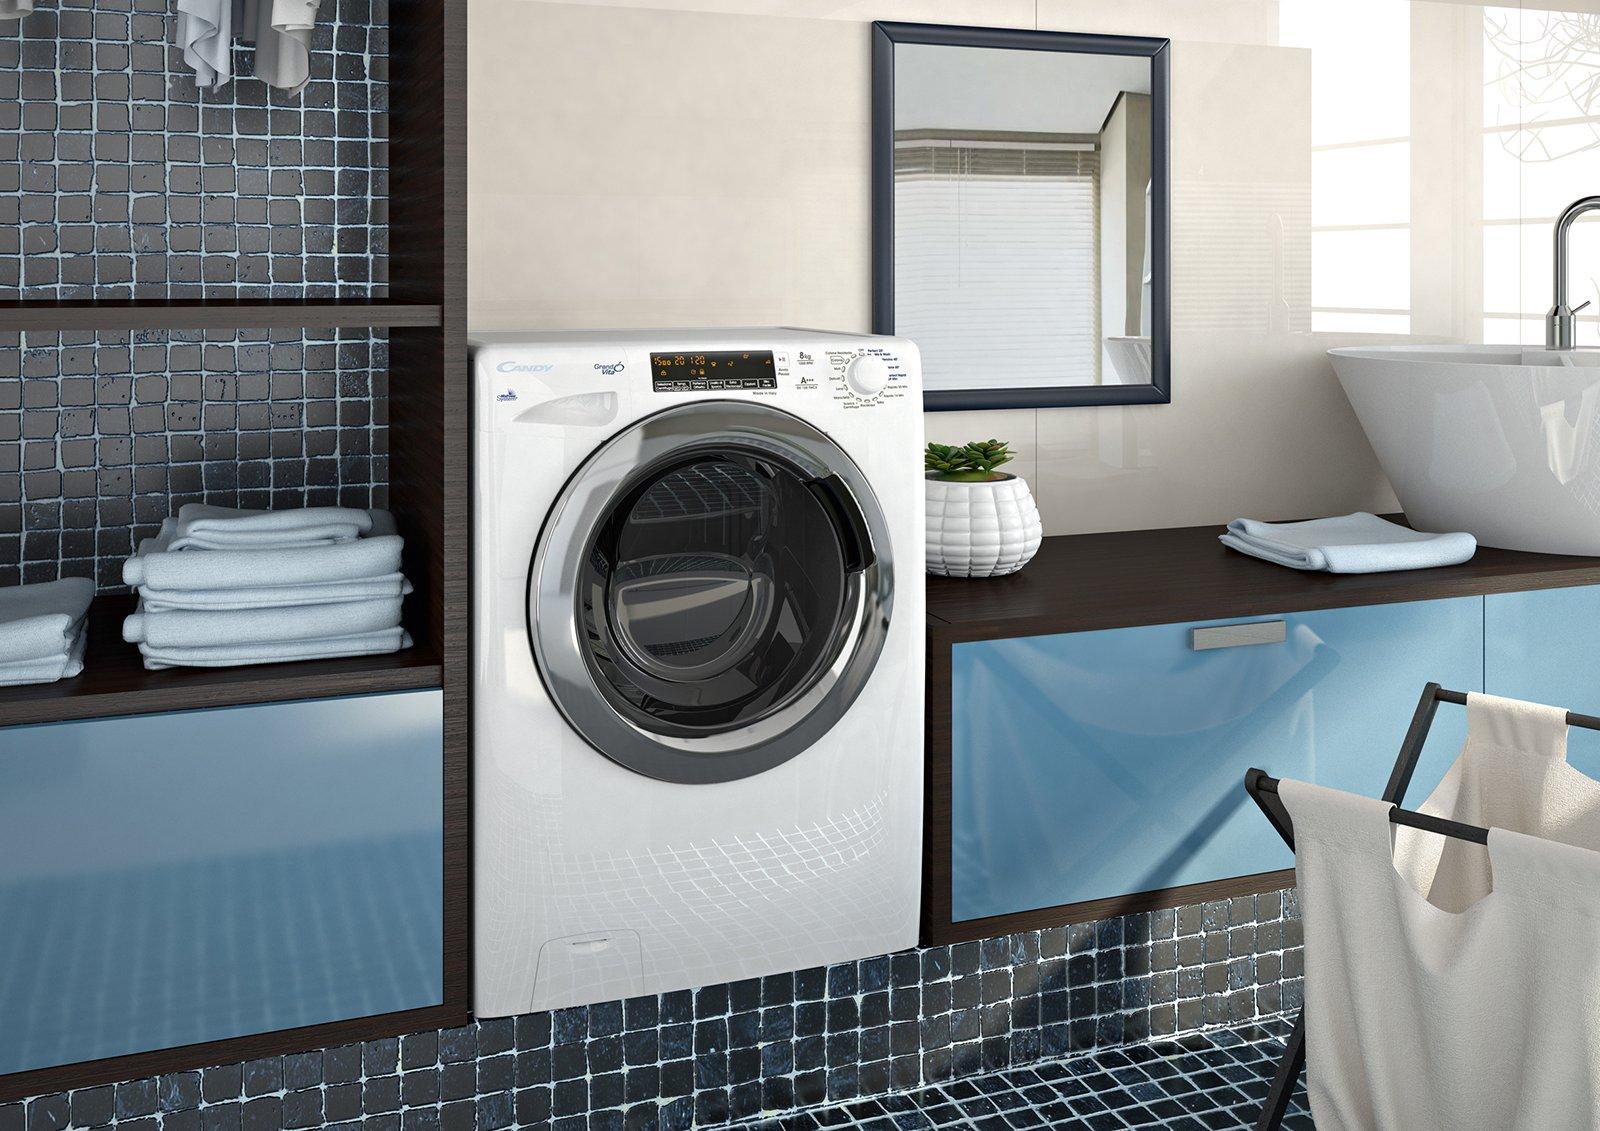 Lavatrici piccole salvaspazio in larghezza profondit o - Profondita lavatrice ...